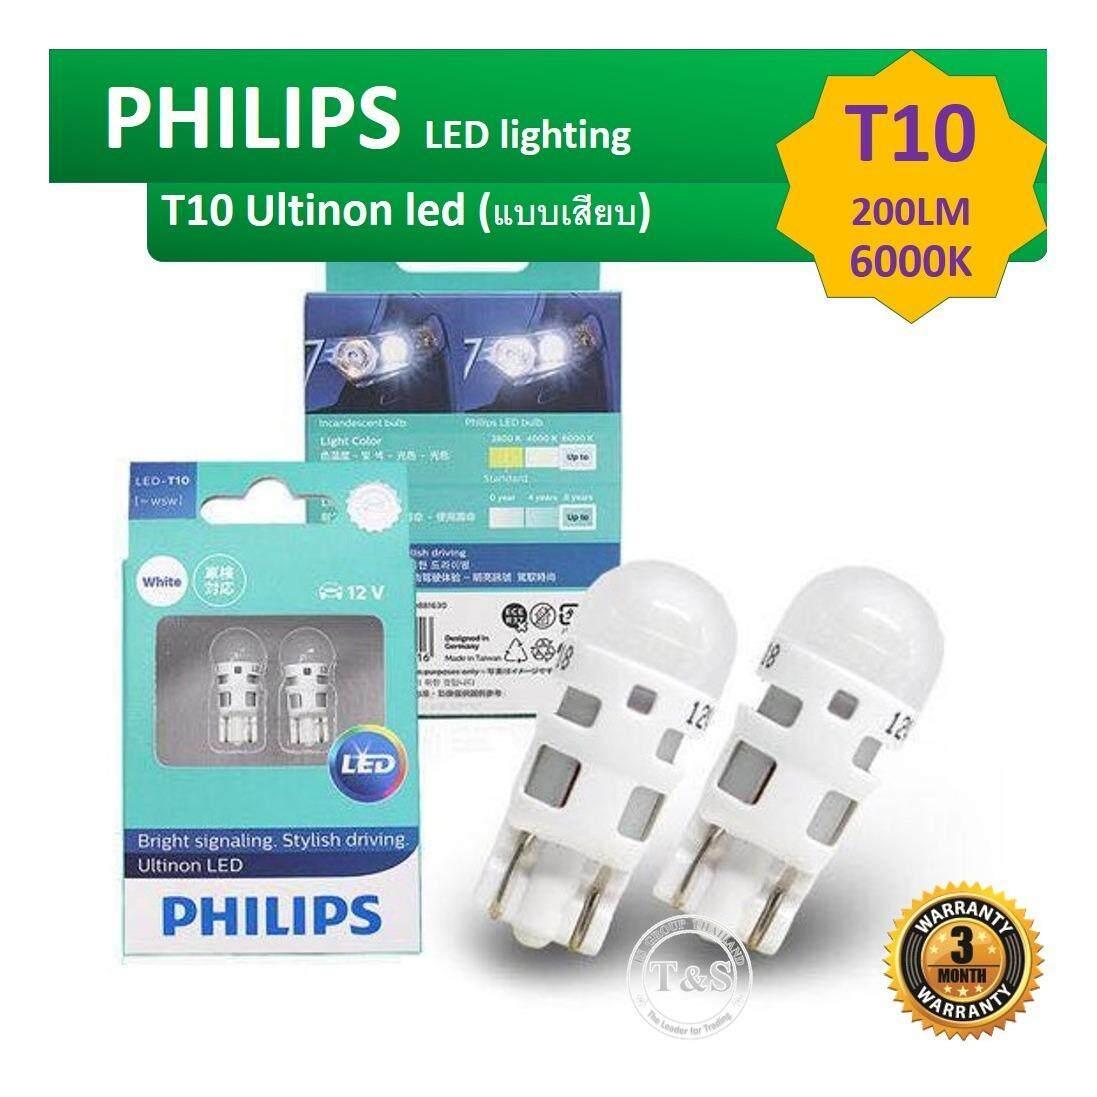 ซื้อ หลอดไฟหรี่ Philips T10 Ultinon Led แบบเสียบ 6000K ขั้วหลอด T10 รุ่นใหม่ 2018 ถูก กรุงเทพมหานคร